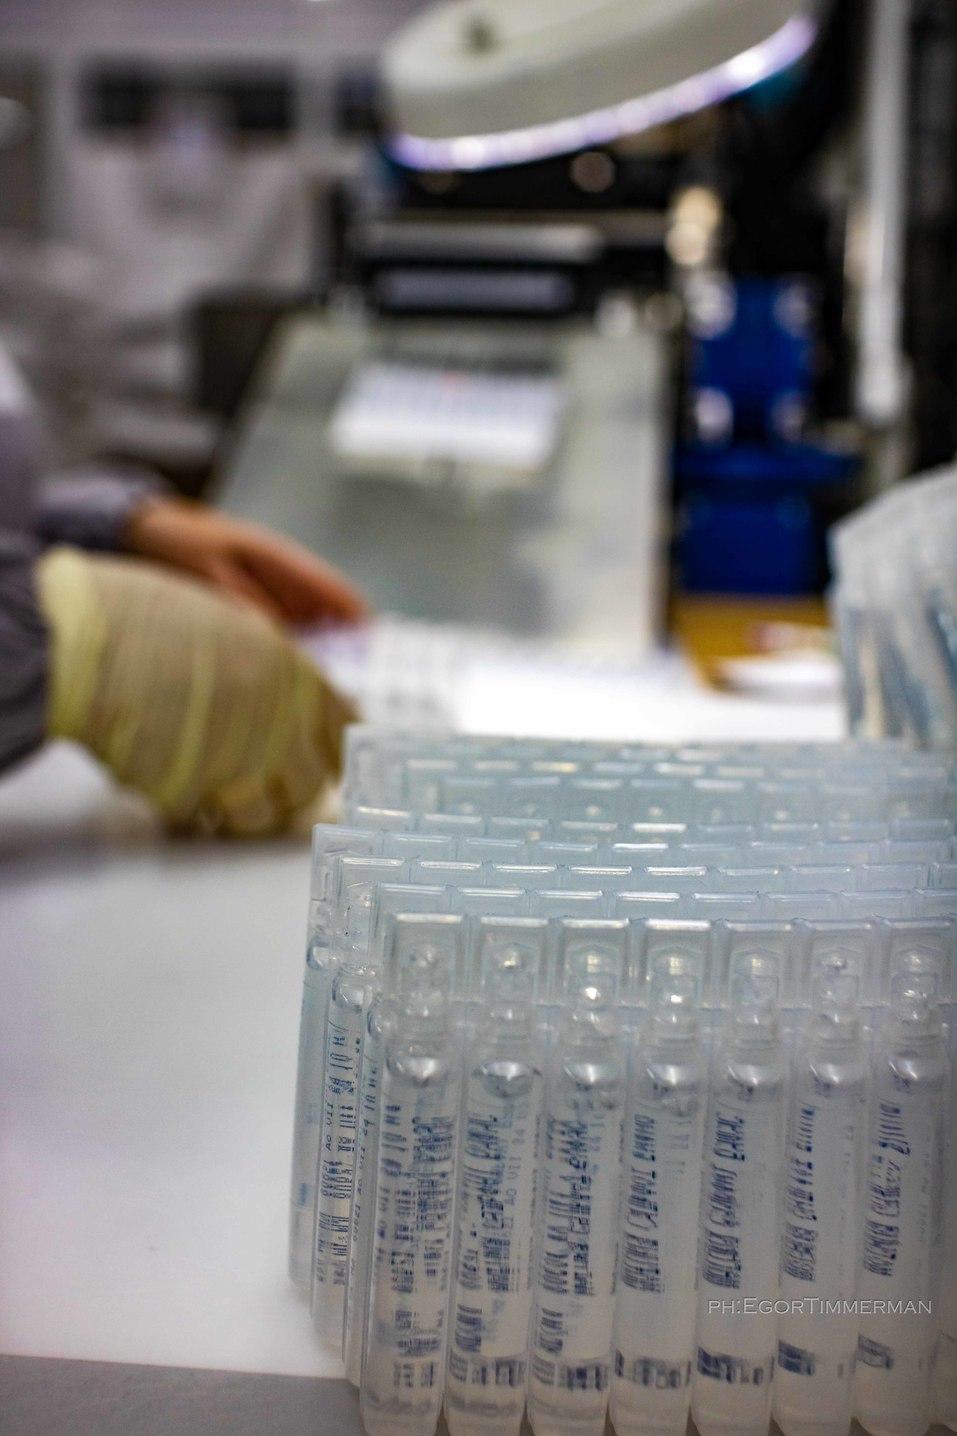 Фармацевтика + IT = успех. Видеоэкскурсия по новосибирскому фармпредприятию 29